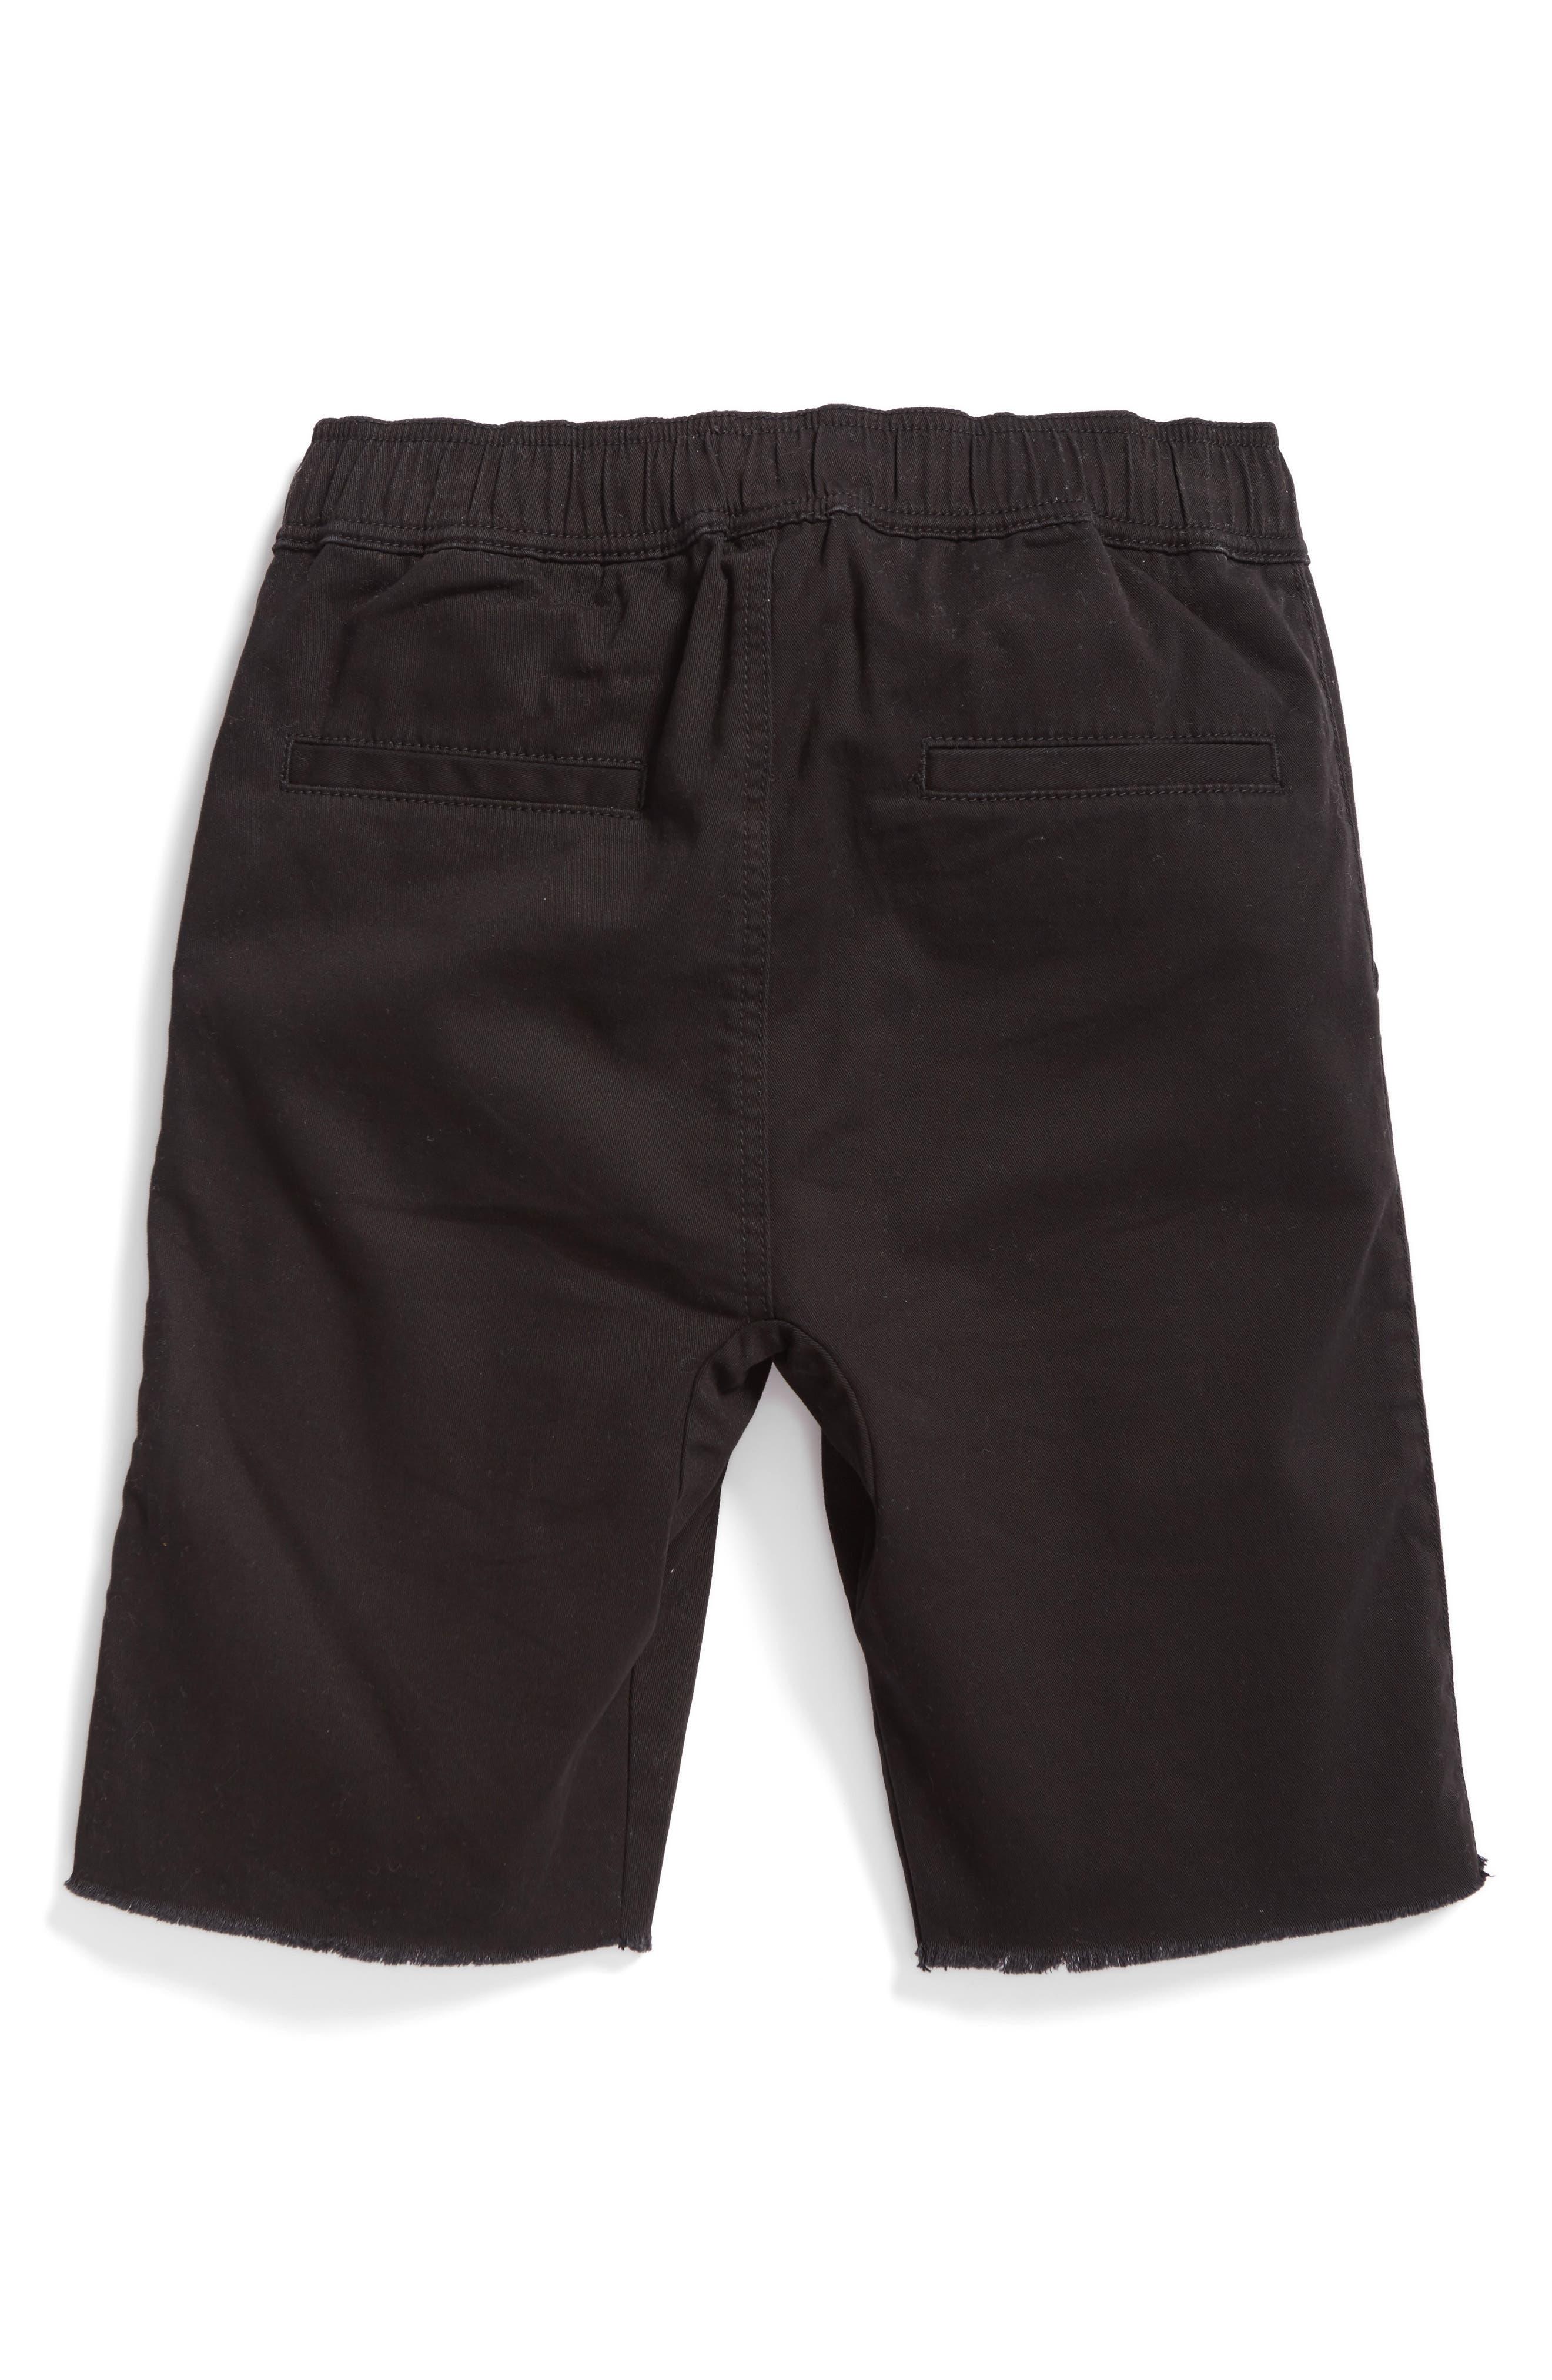 Jogger Shorts,                             Alternate thumbnail 8, color,